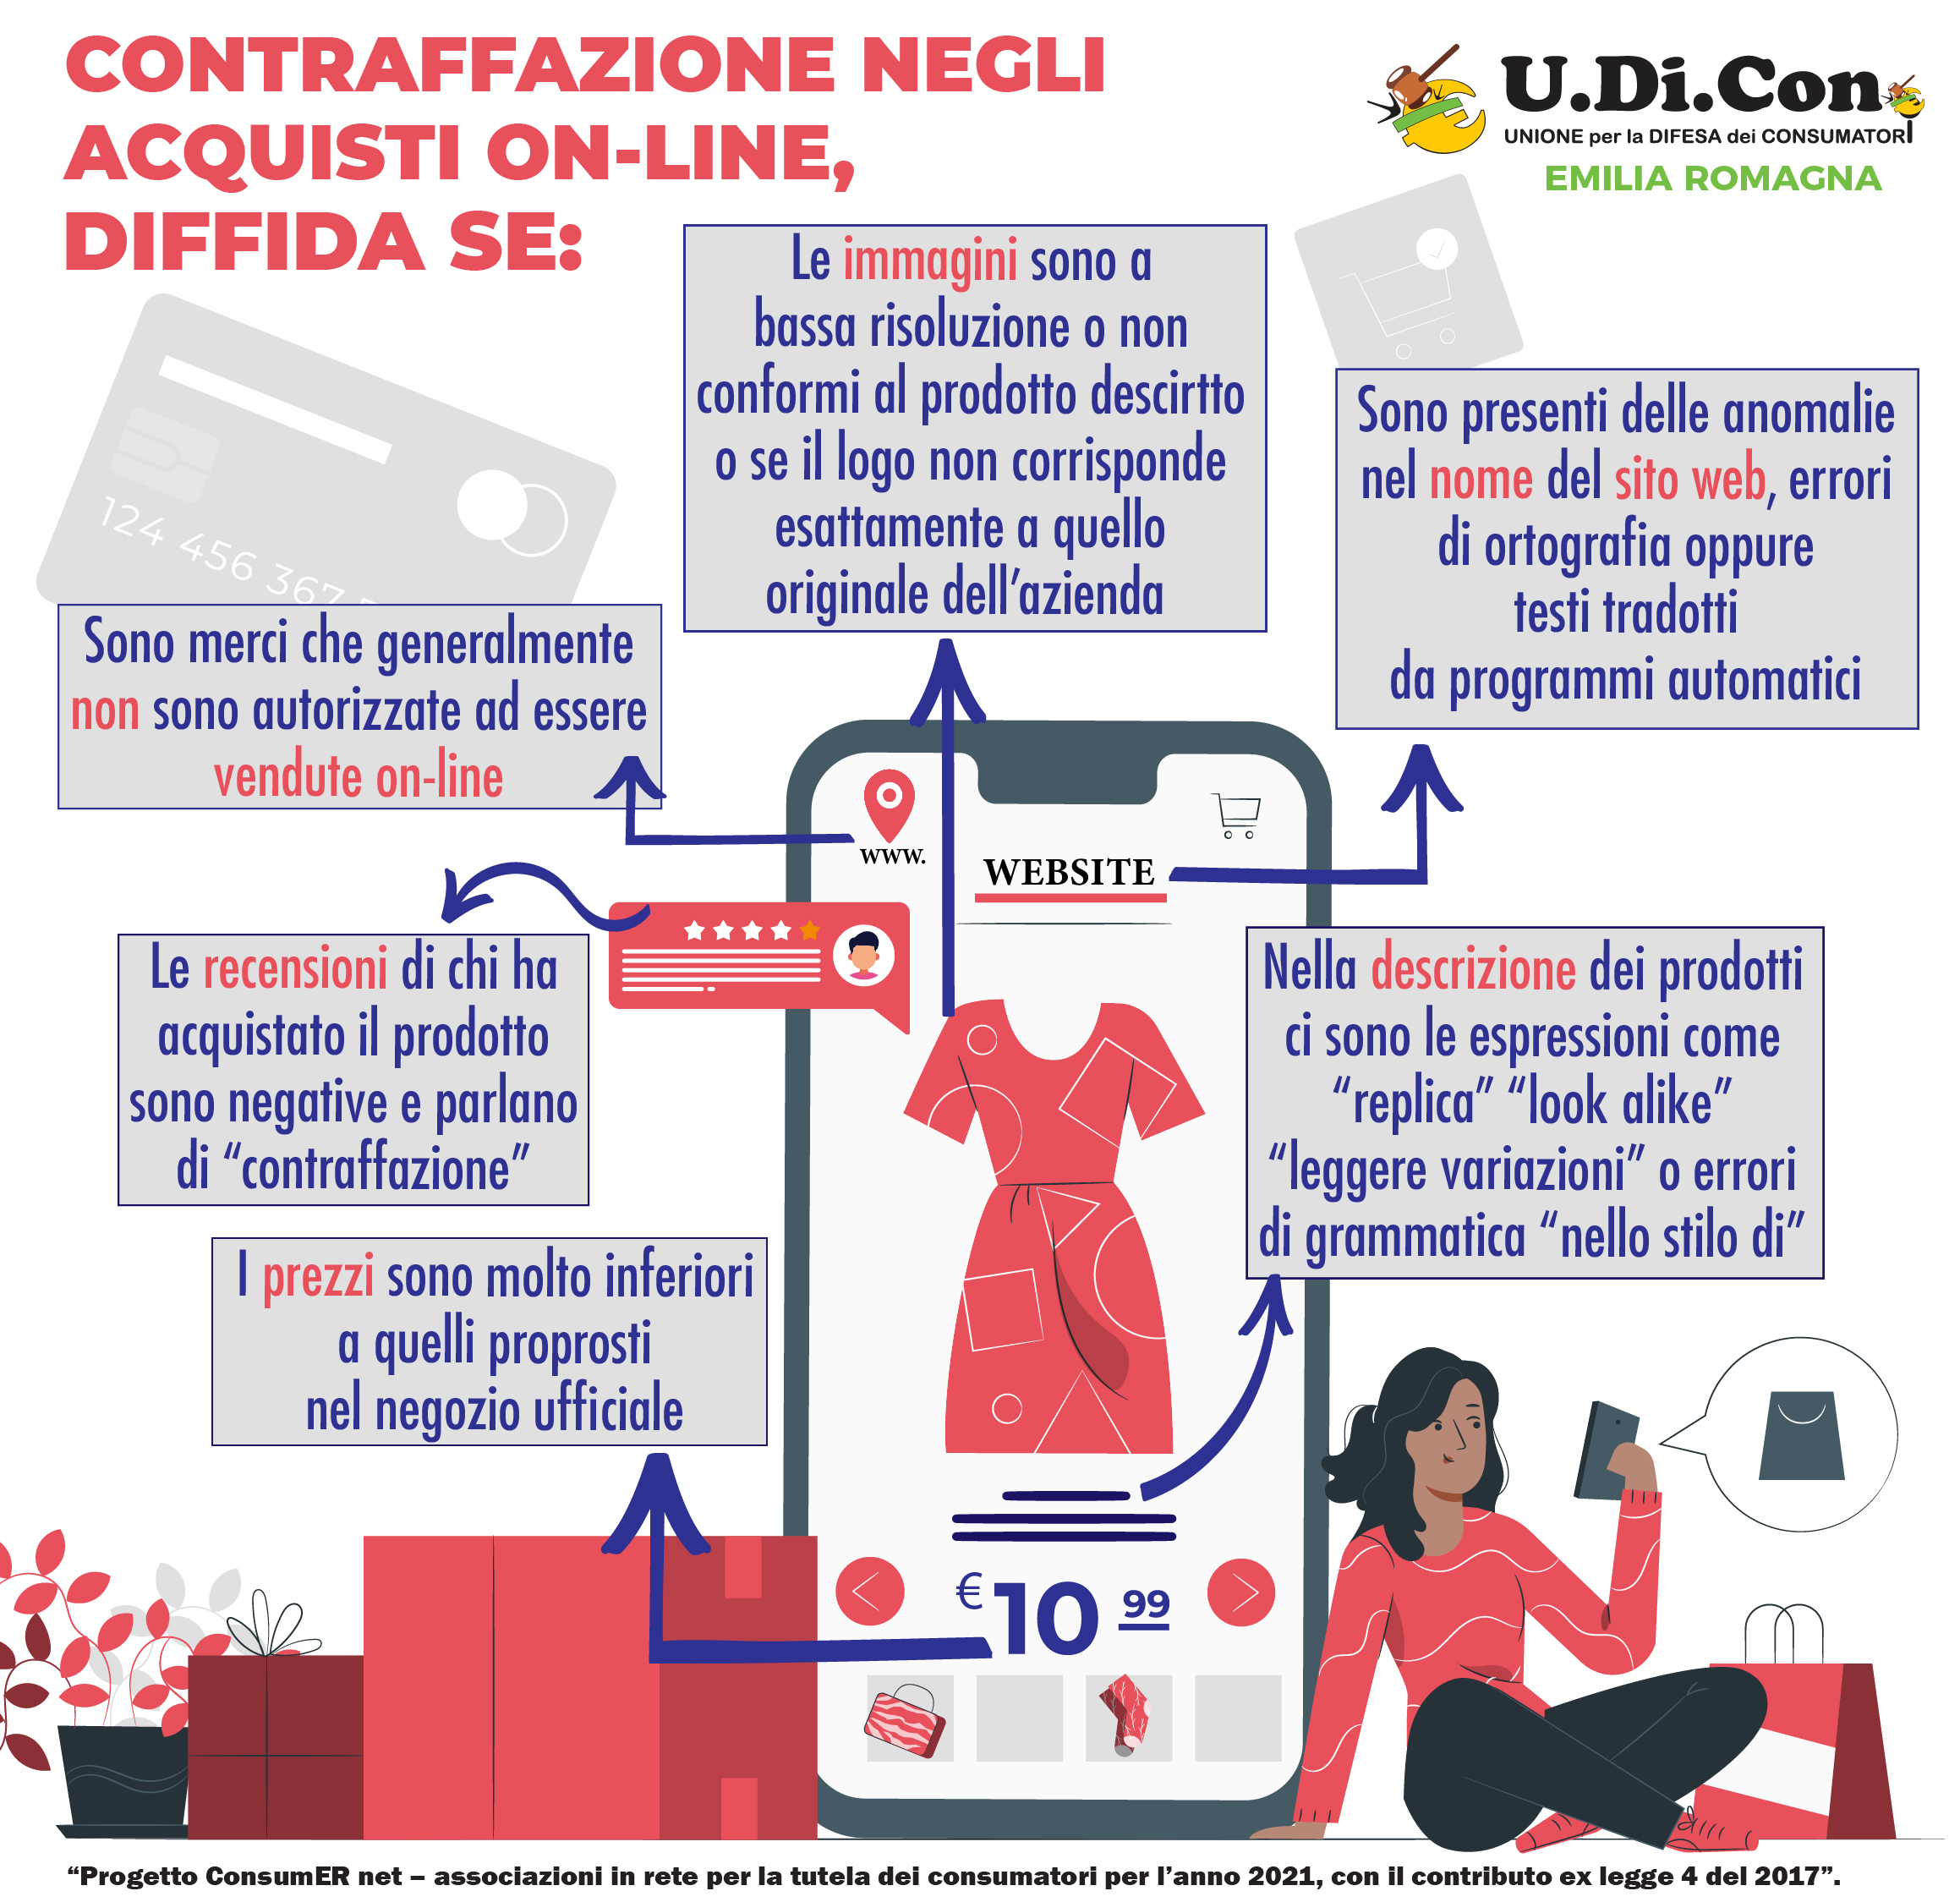 Infografica - Contraffazione negli acquisti on-line, diffida se